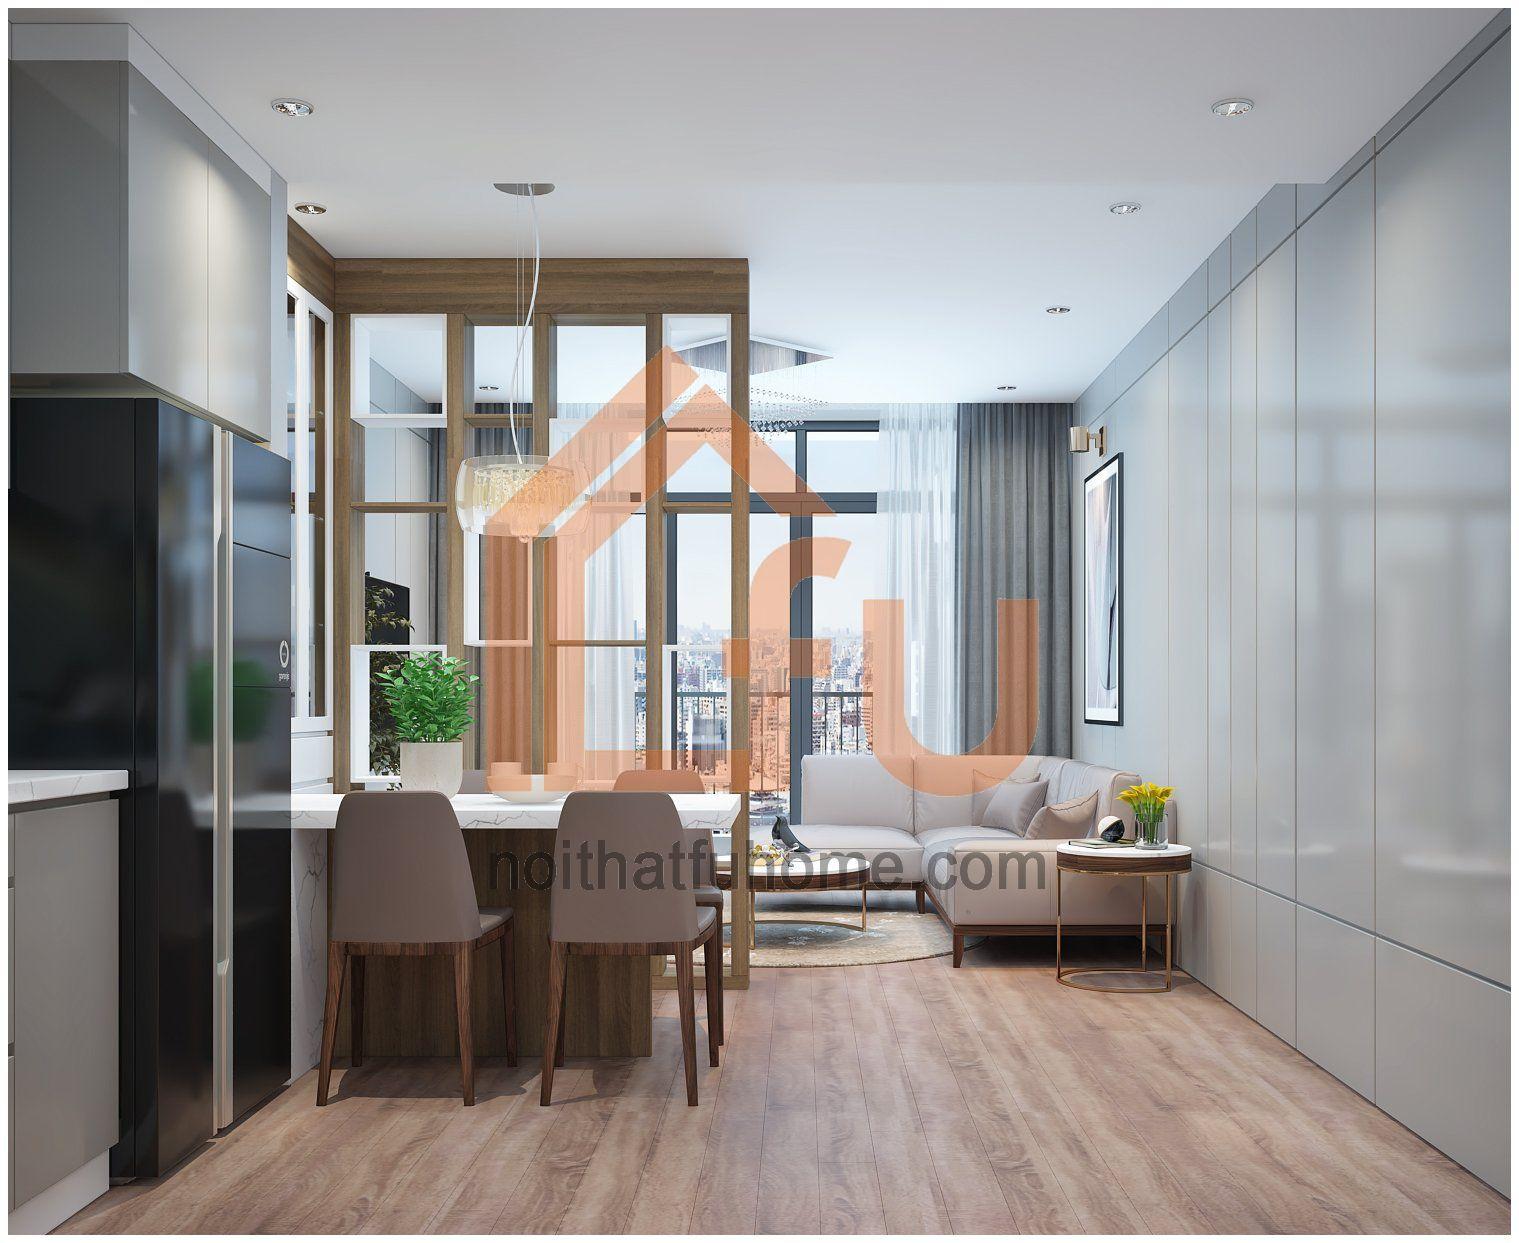 Chi phí thi công nội thất chung cư – Báo giá nội thất mới nhất 2021